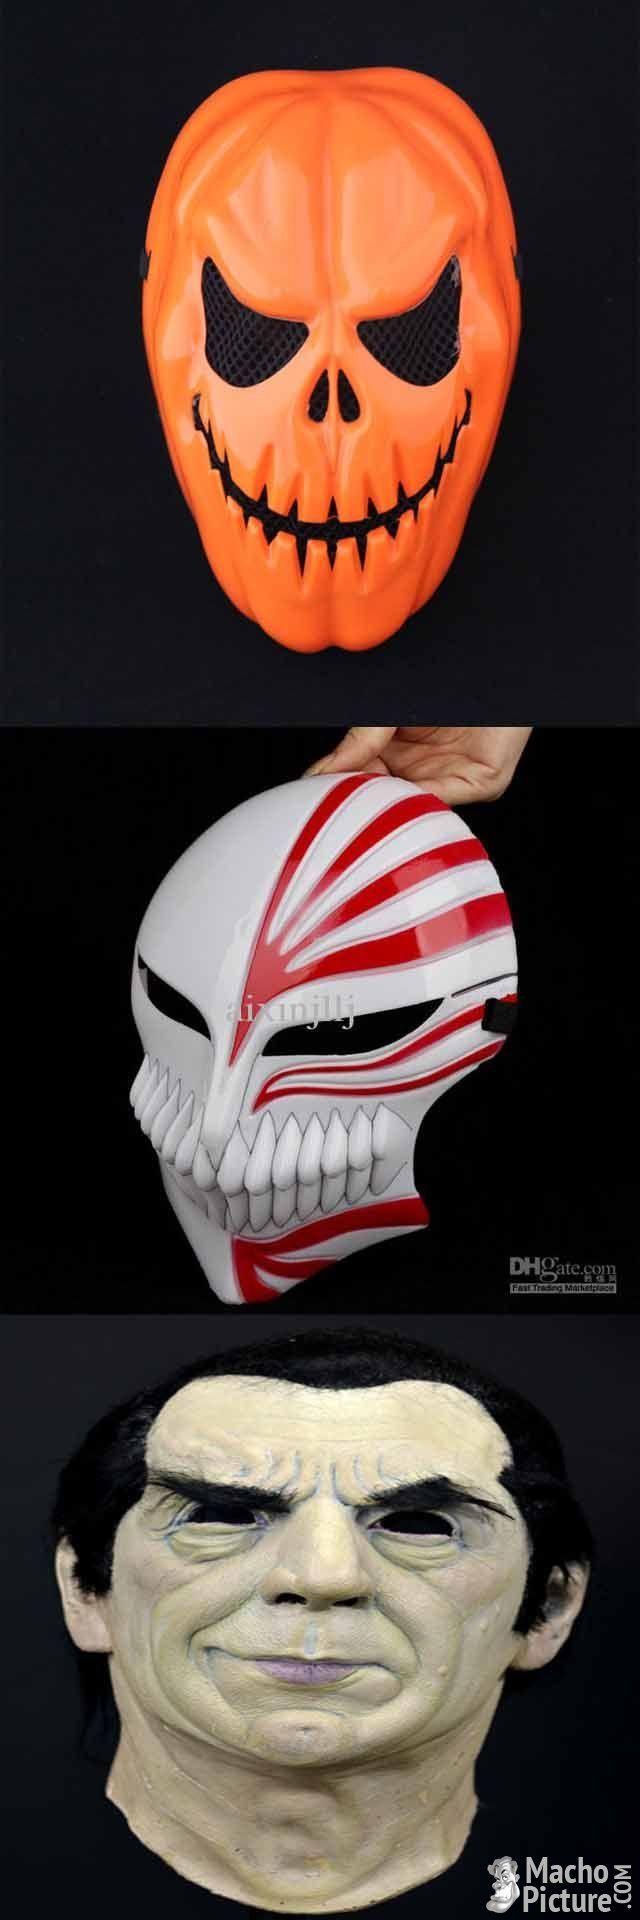 halloween masks for sale